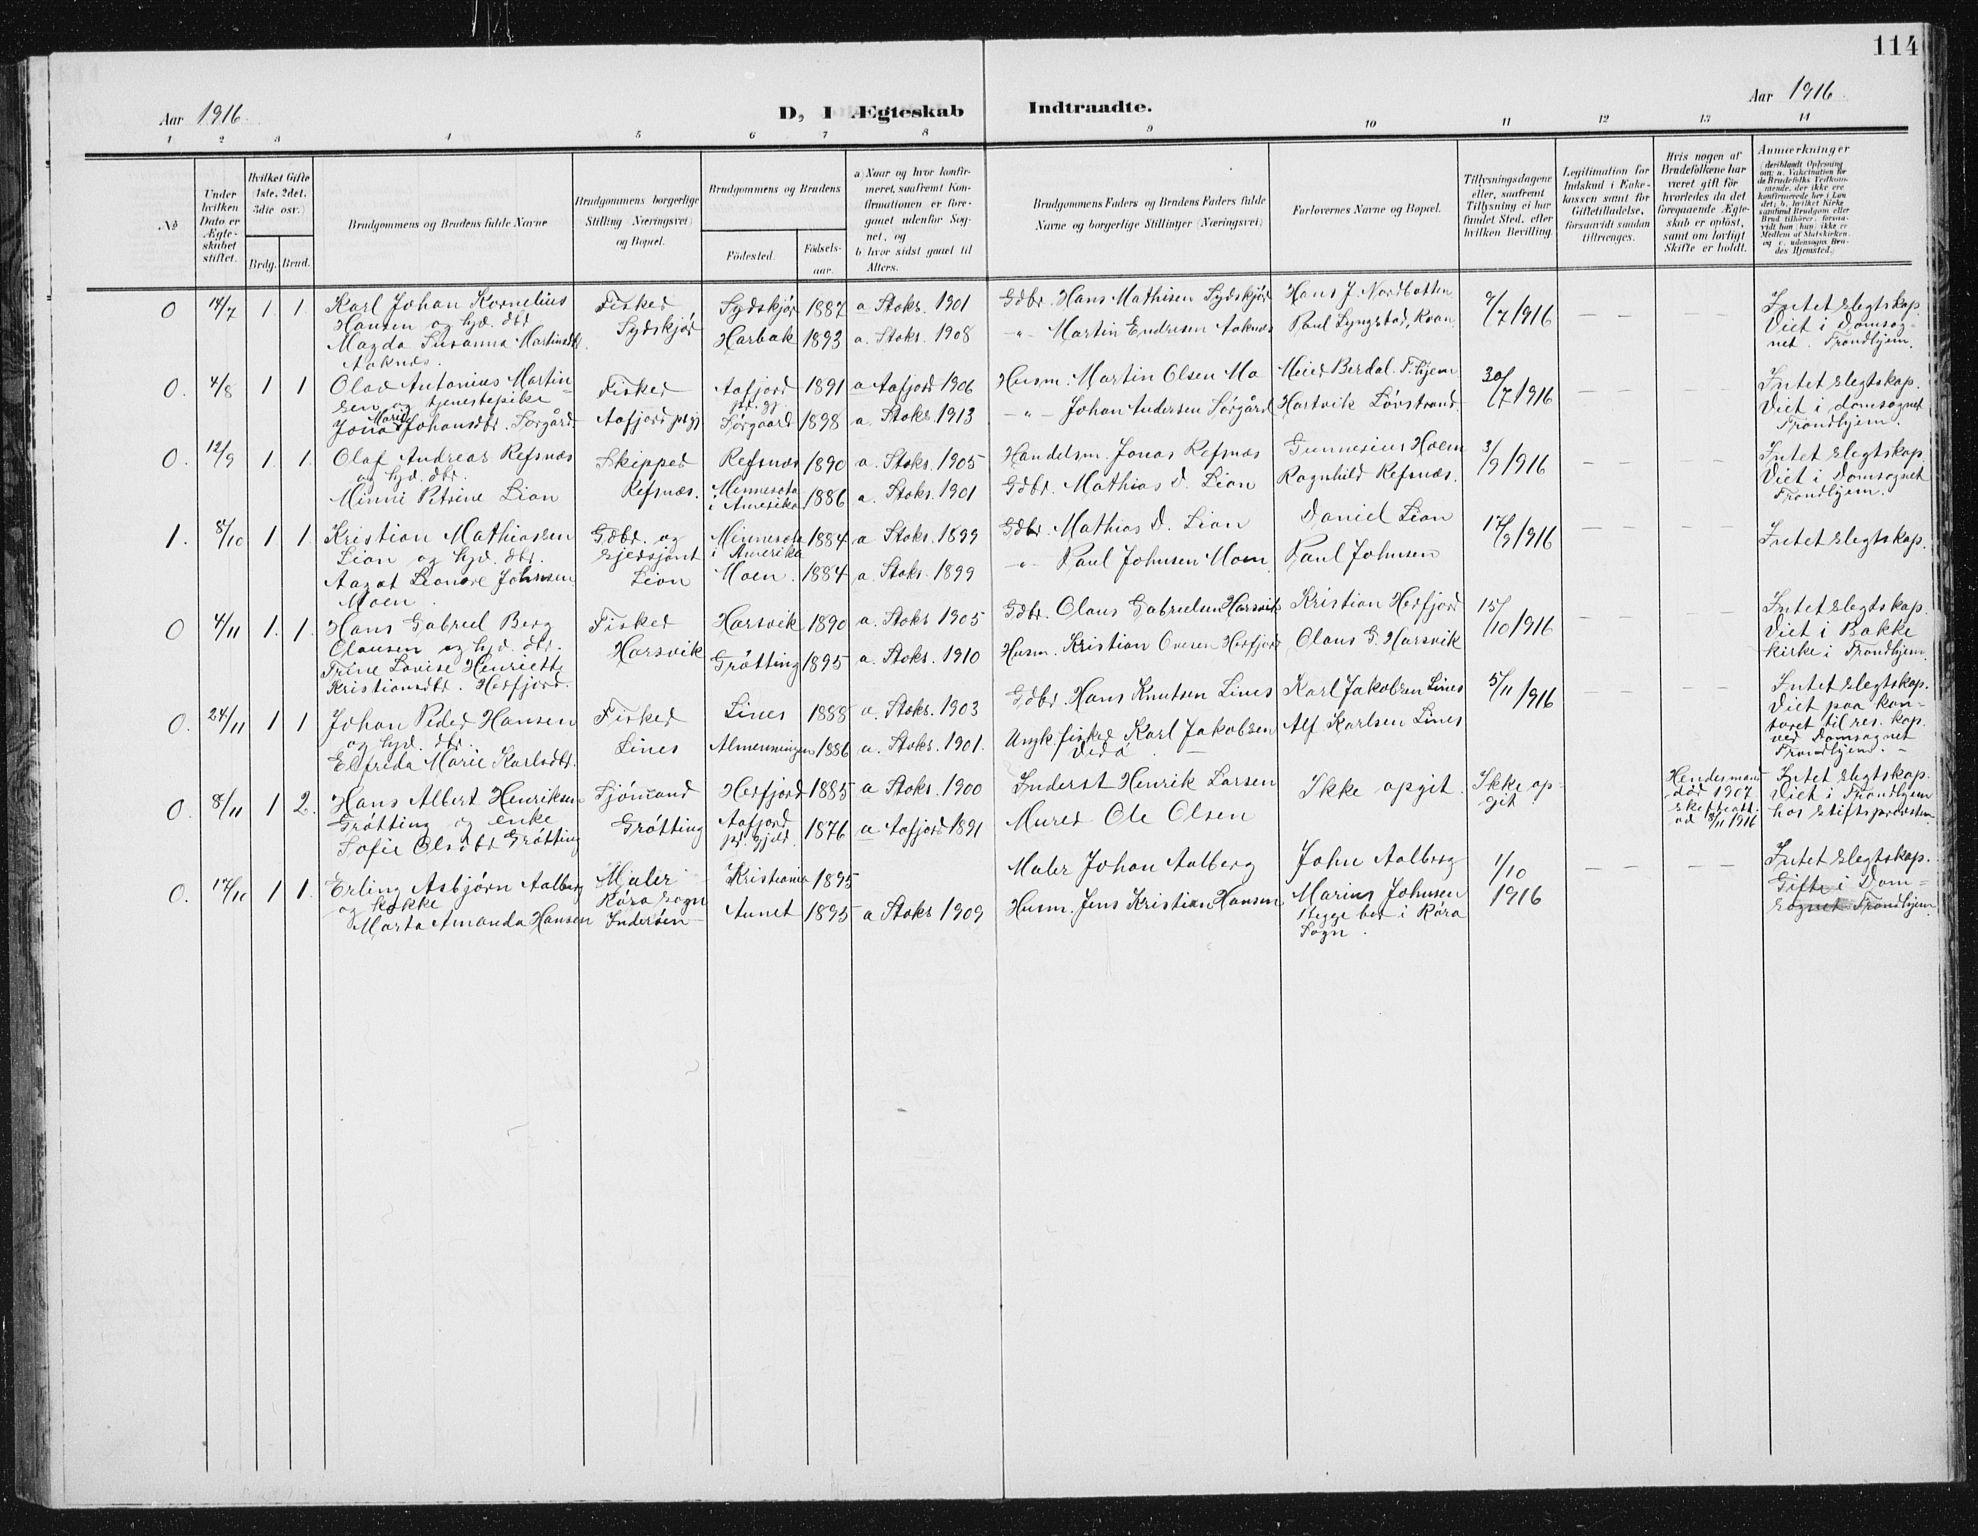 SAT, Ministerialprotokoller, klokkerbøker og fødselsregistre - Sør-Trøndelag, 656/L0699: Klokkerbok nr. 656C05, 1905-1920, s. 114